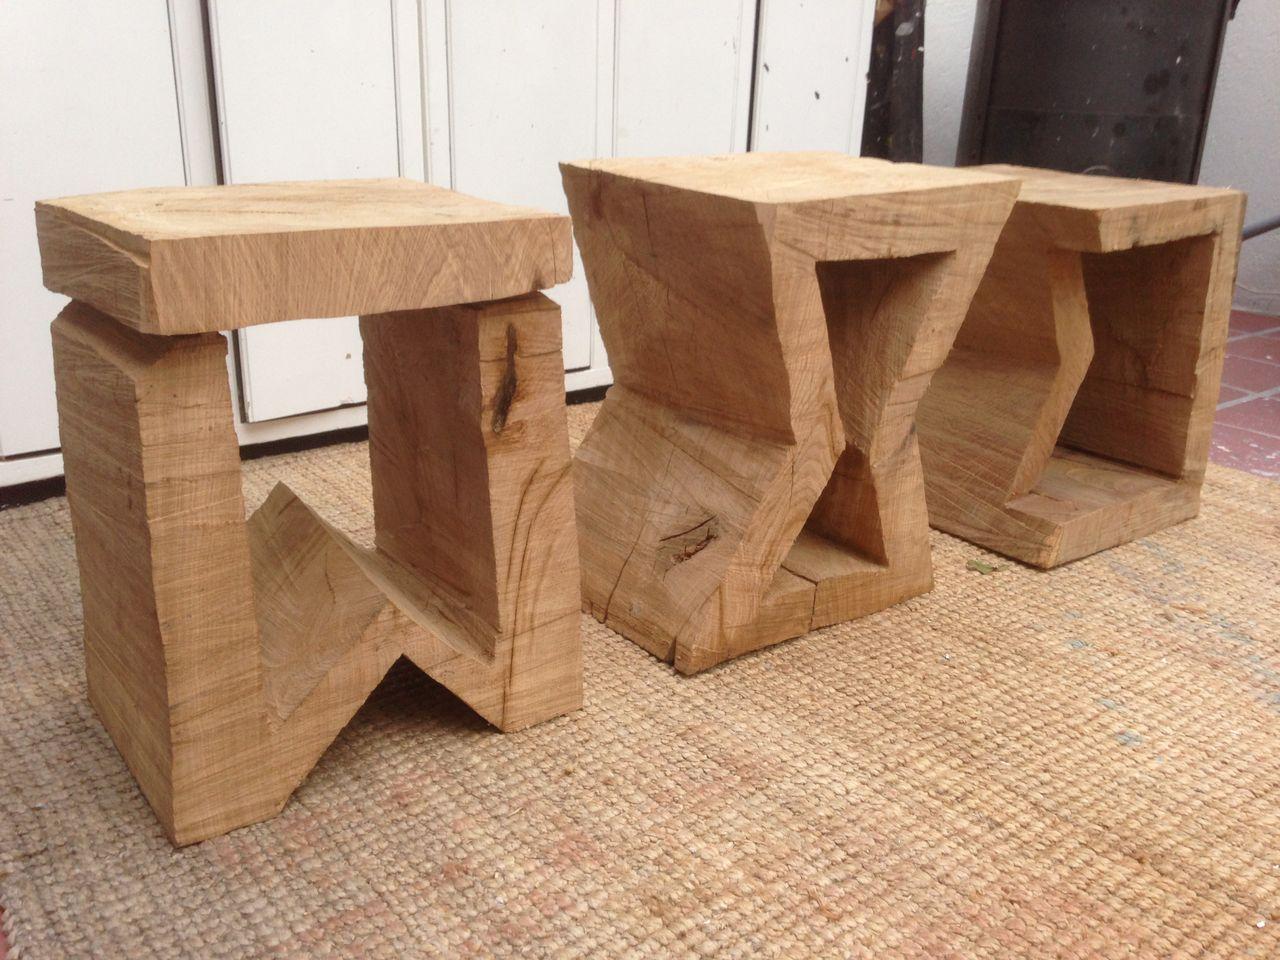 Eichenhocker Eichen Holz Kettensage Skulptur Von Stefan Merz